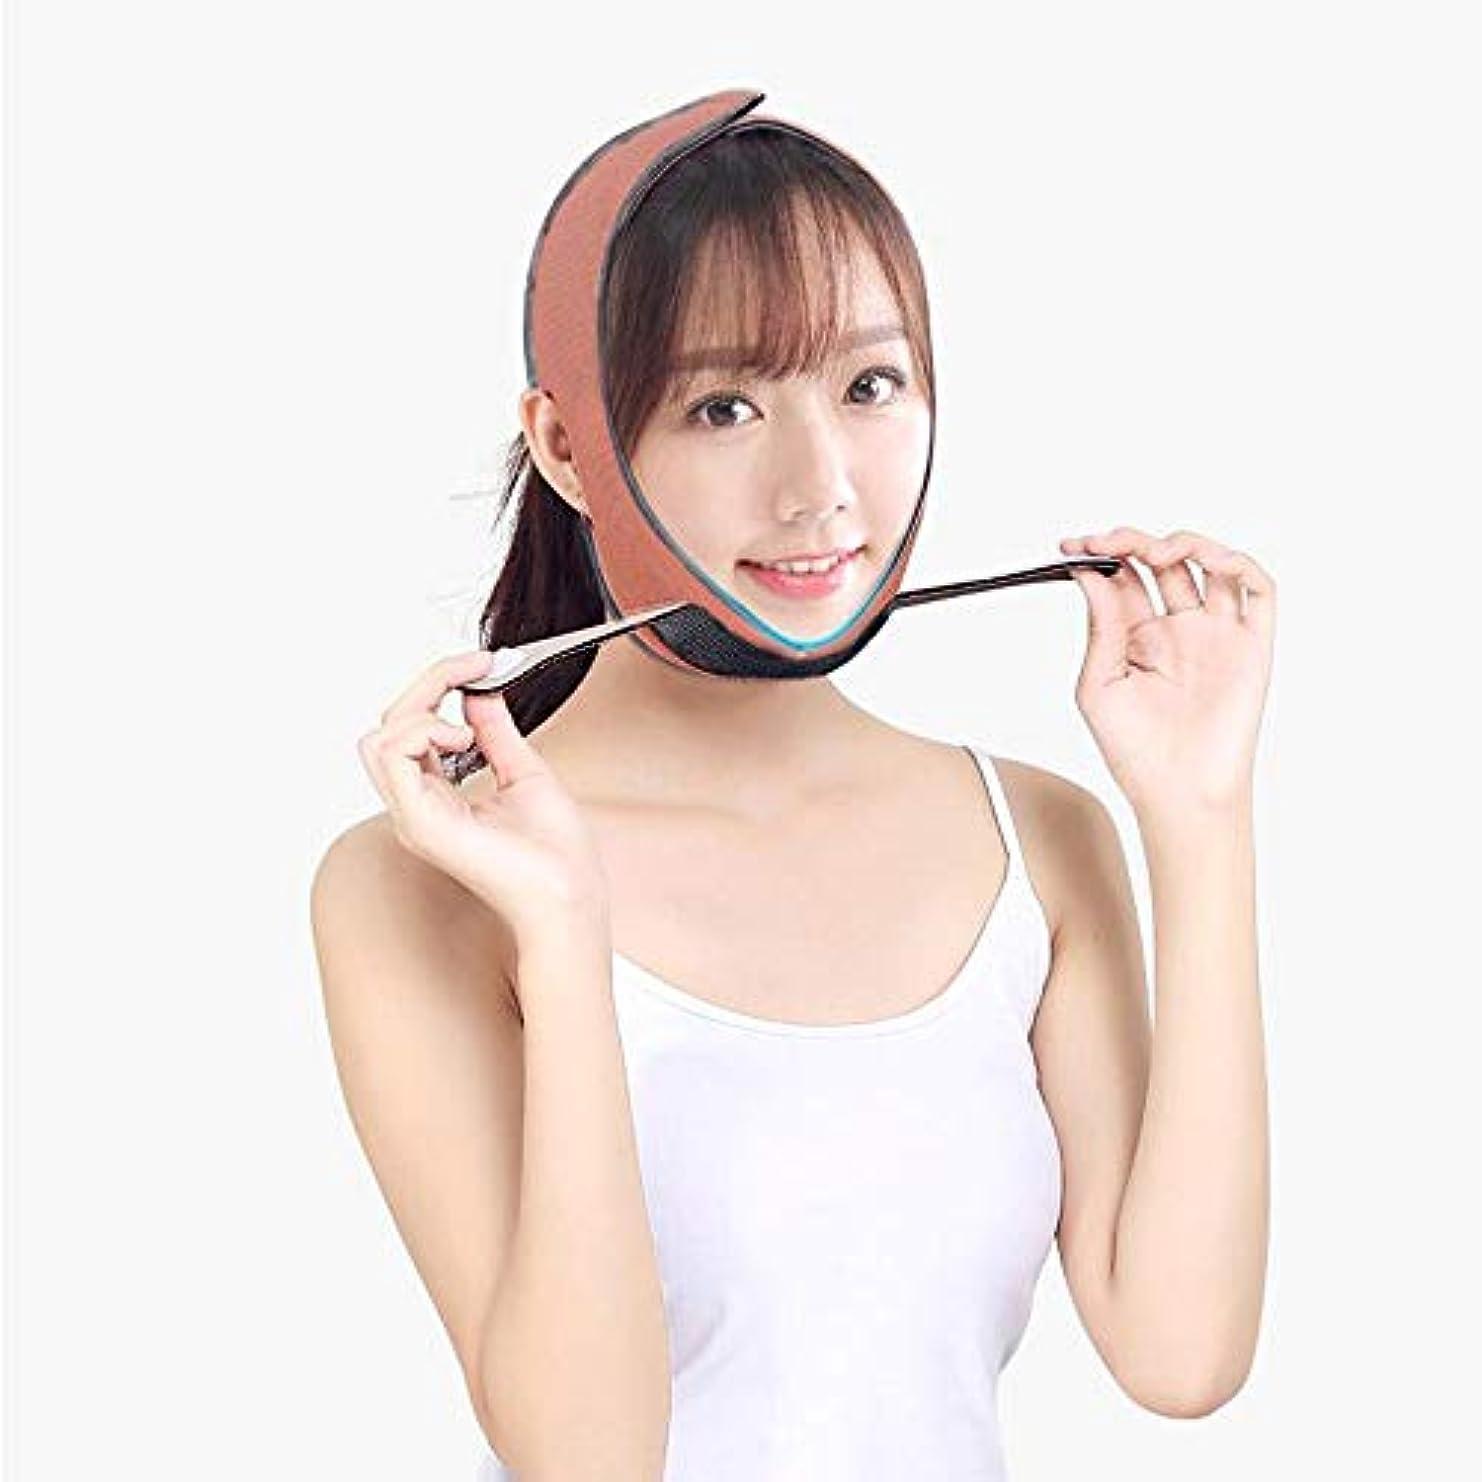 空白何故なの絶対のフェイシャルリフティングスリミングベルト - 薄いフェイス包帯Vフェイス包帯マスクフェイシャルマッサージャー無料整形マスク顔と首の顔を引き締めますスリム